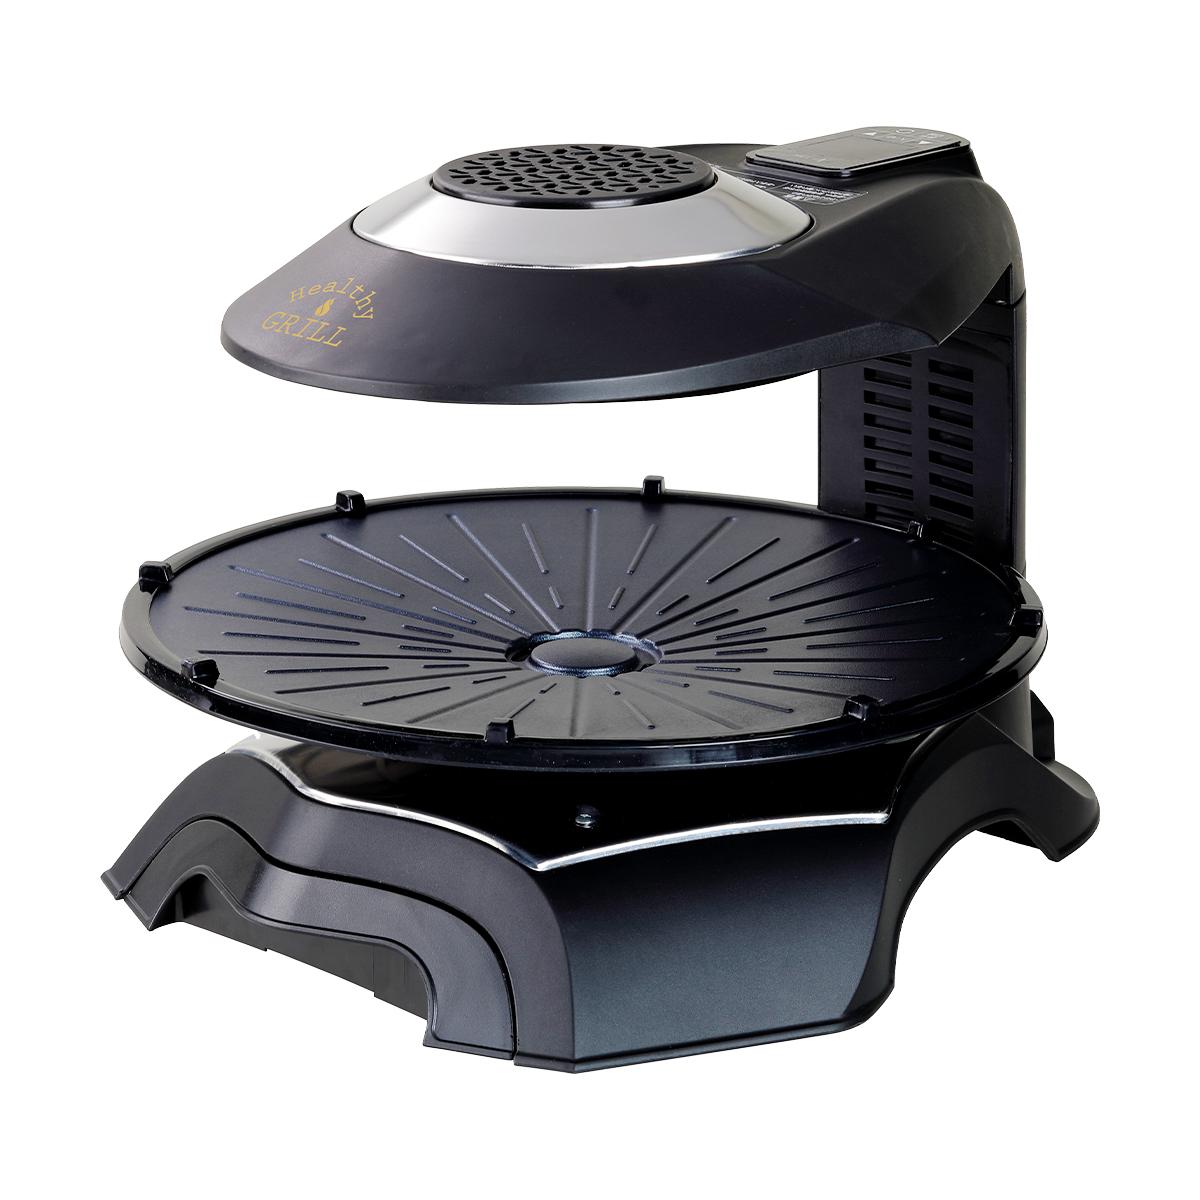 ダイレクトテレショップは雑貨、ファッション、キッチン用品、マッサージ機まで購入できる 総合テレビ通販サイトです。